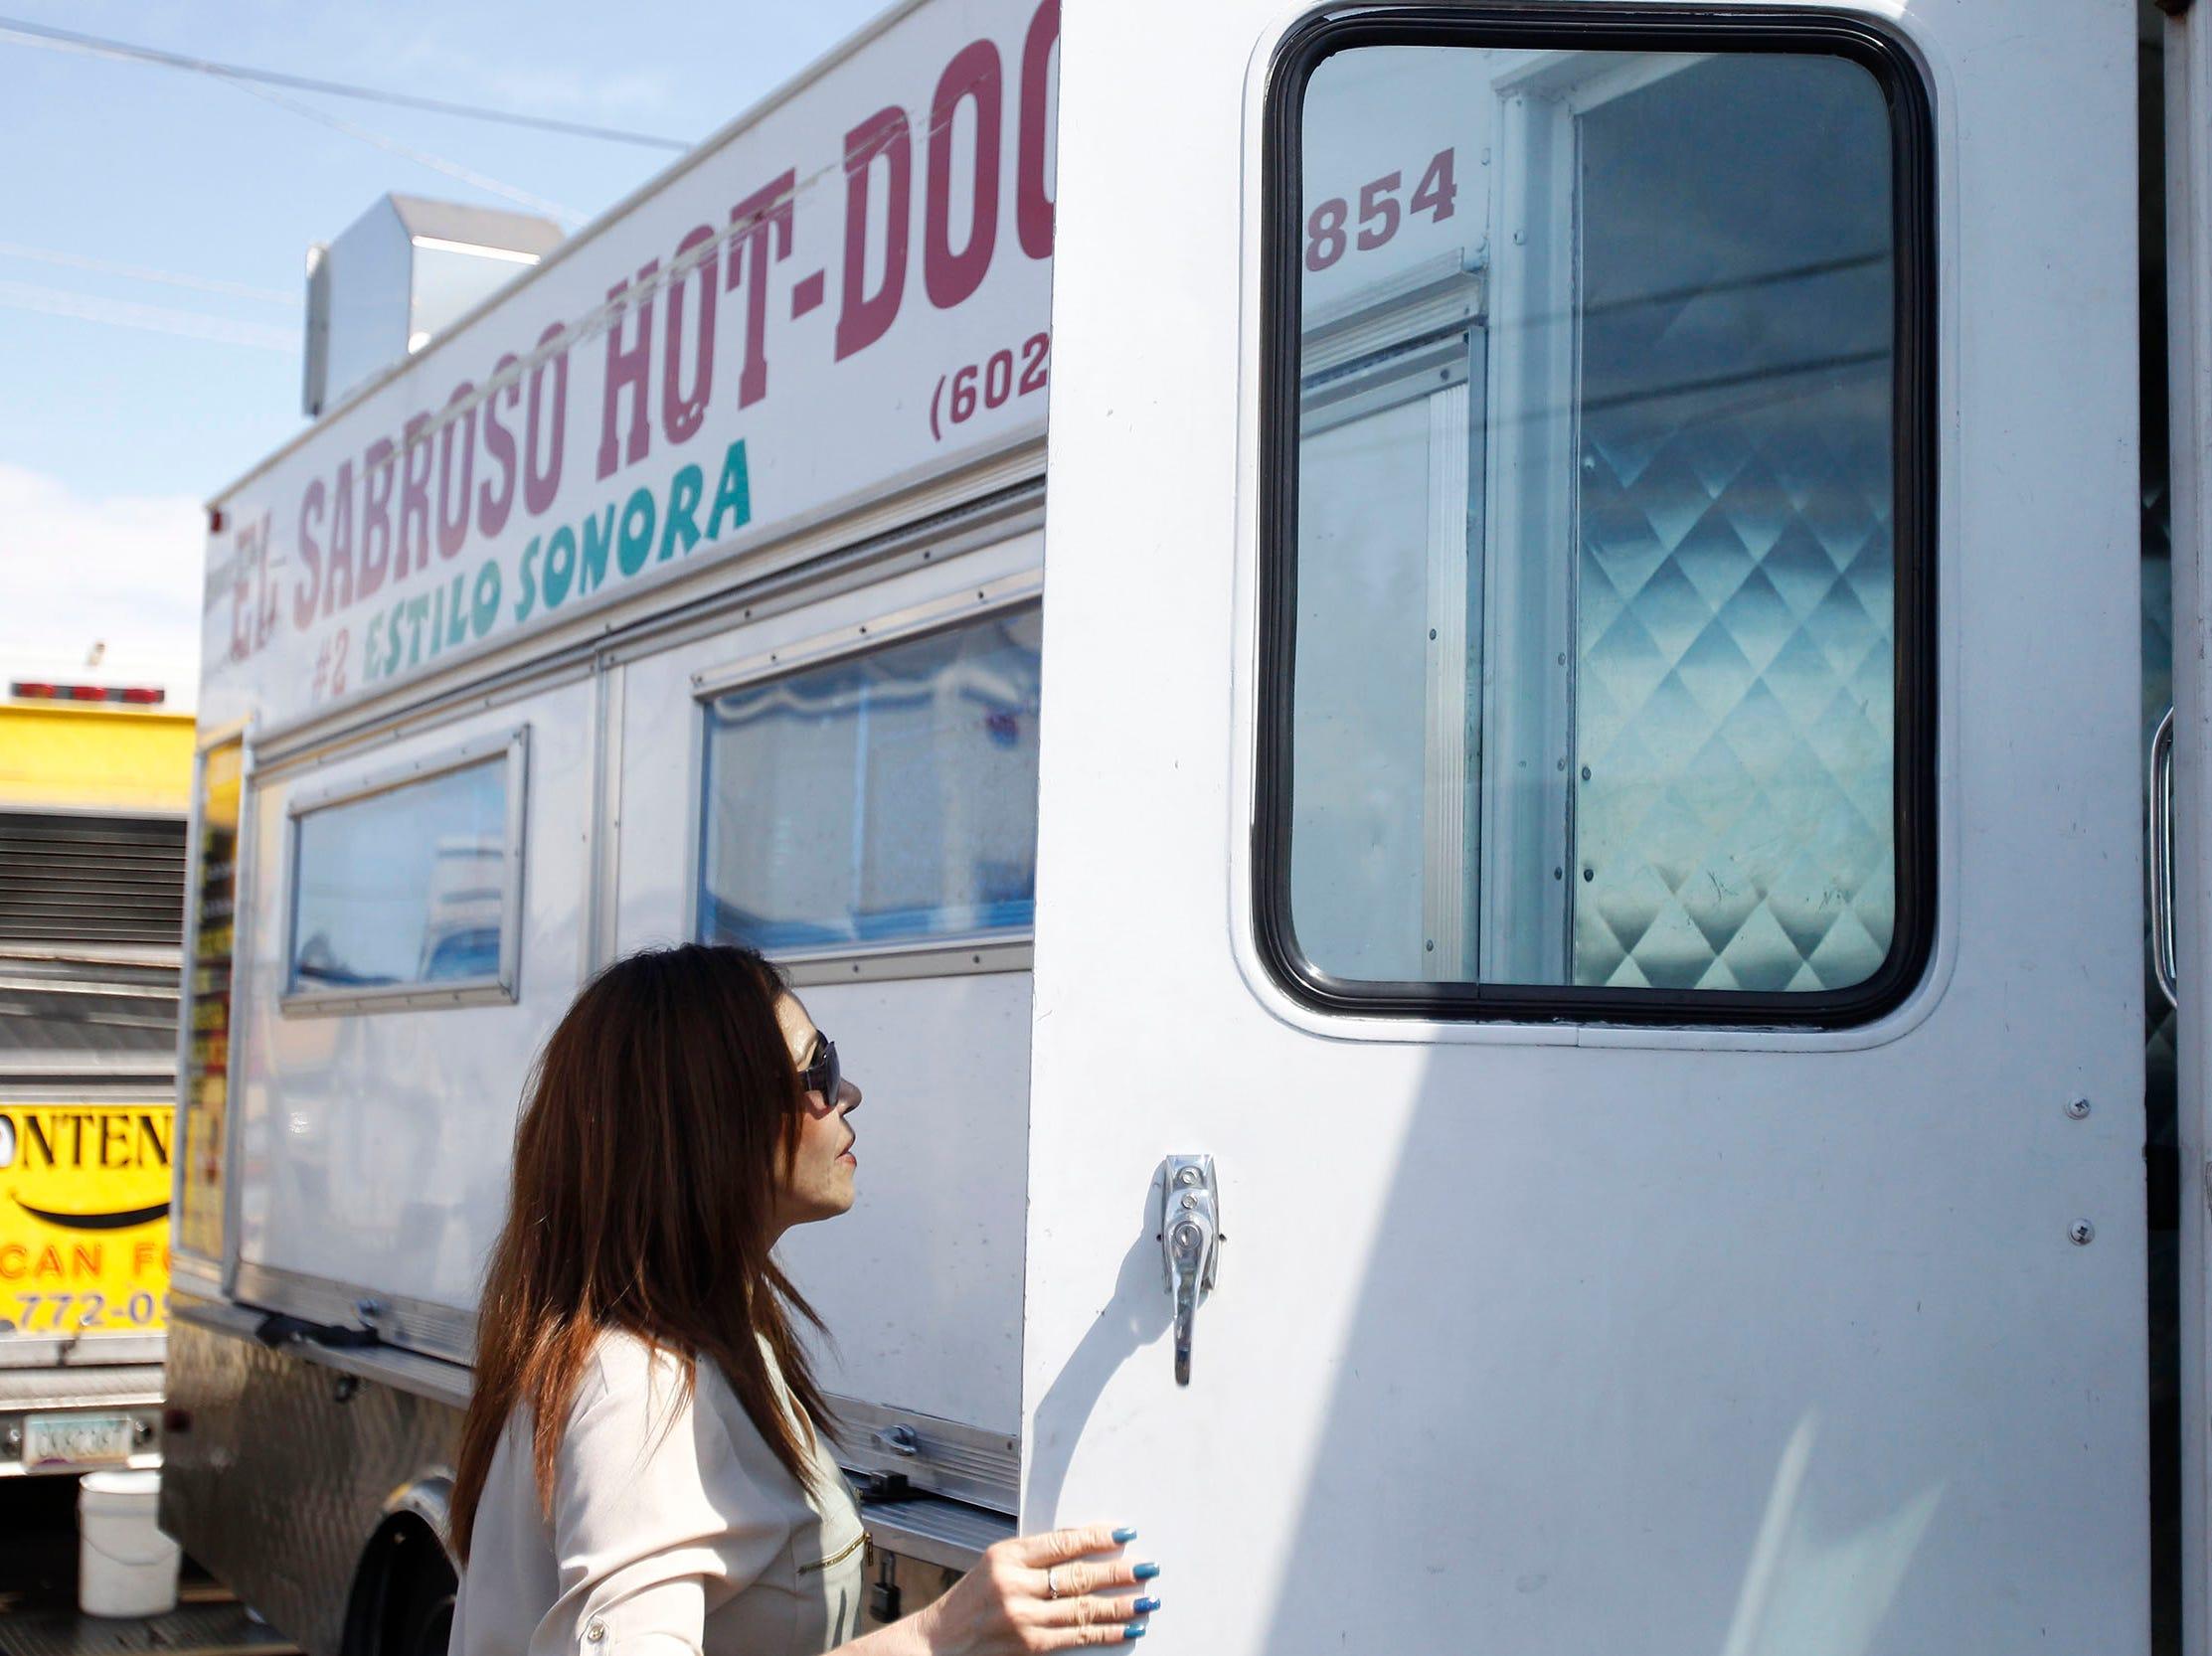 El proyecto HB 2636 de la Cámara de Representantes de Arizona podría muy pronto convertirse en ley, lo que permitiría a los camiones de comida operar en propiedades privadas en áreas residenciales.